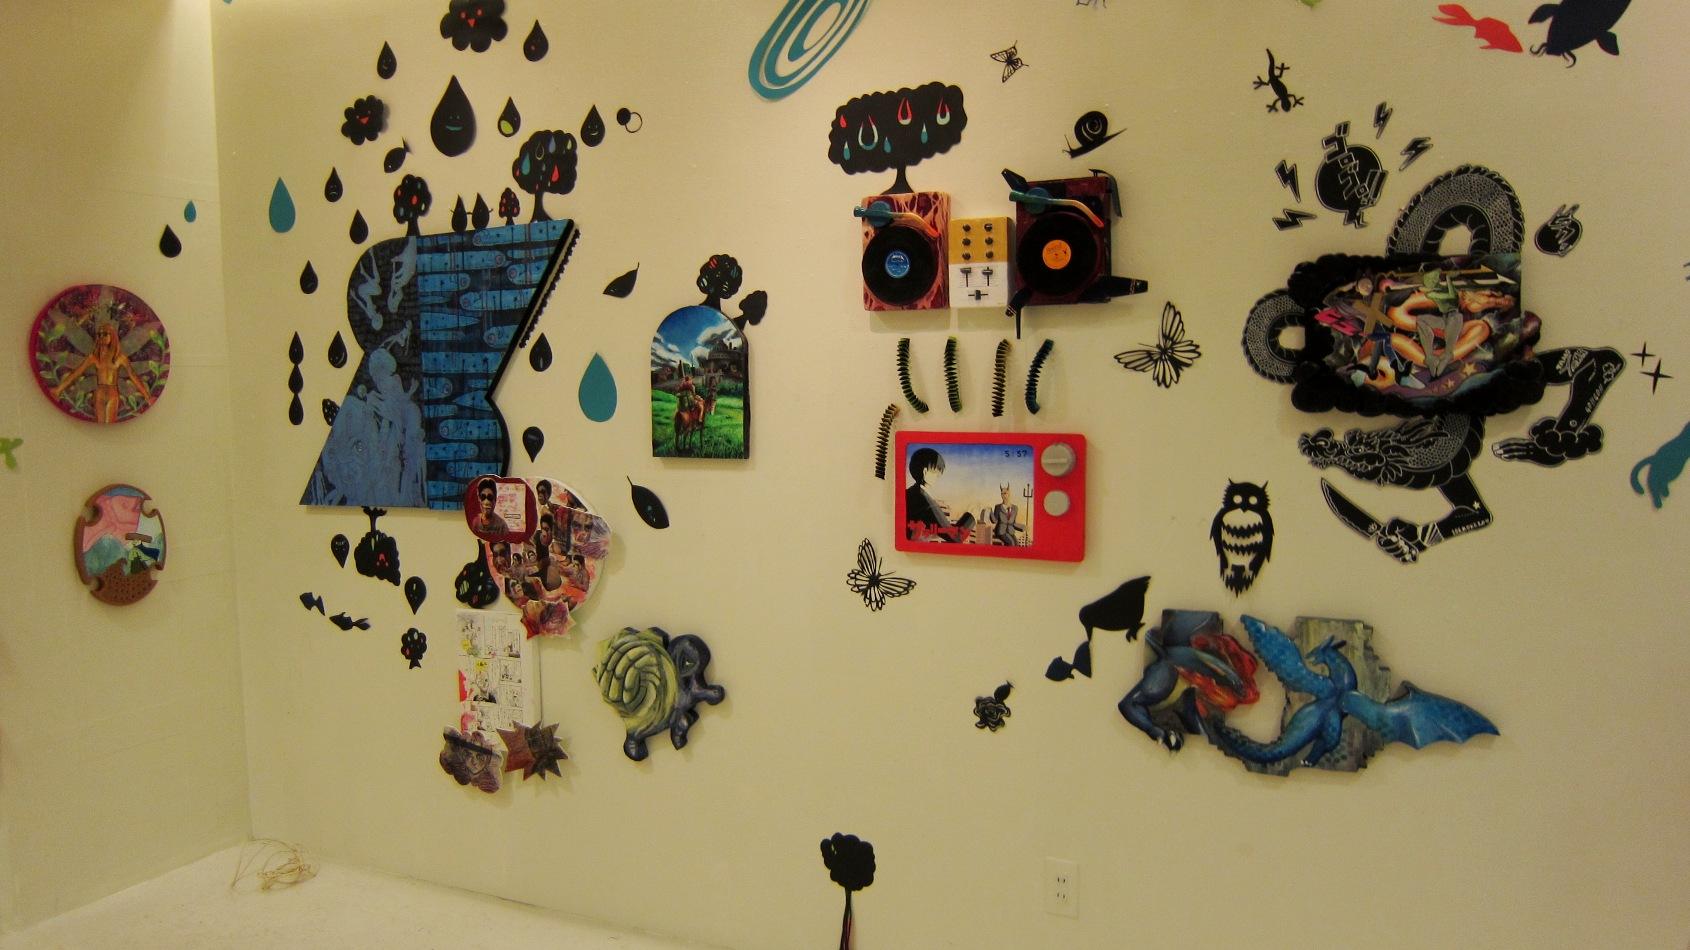 2192) ②「CDE展 2013 (ビセン作品展)」アイボリー 9月3日(火)~9月13日(金)_f0126829_2258431.jpg